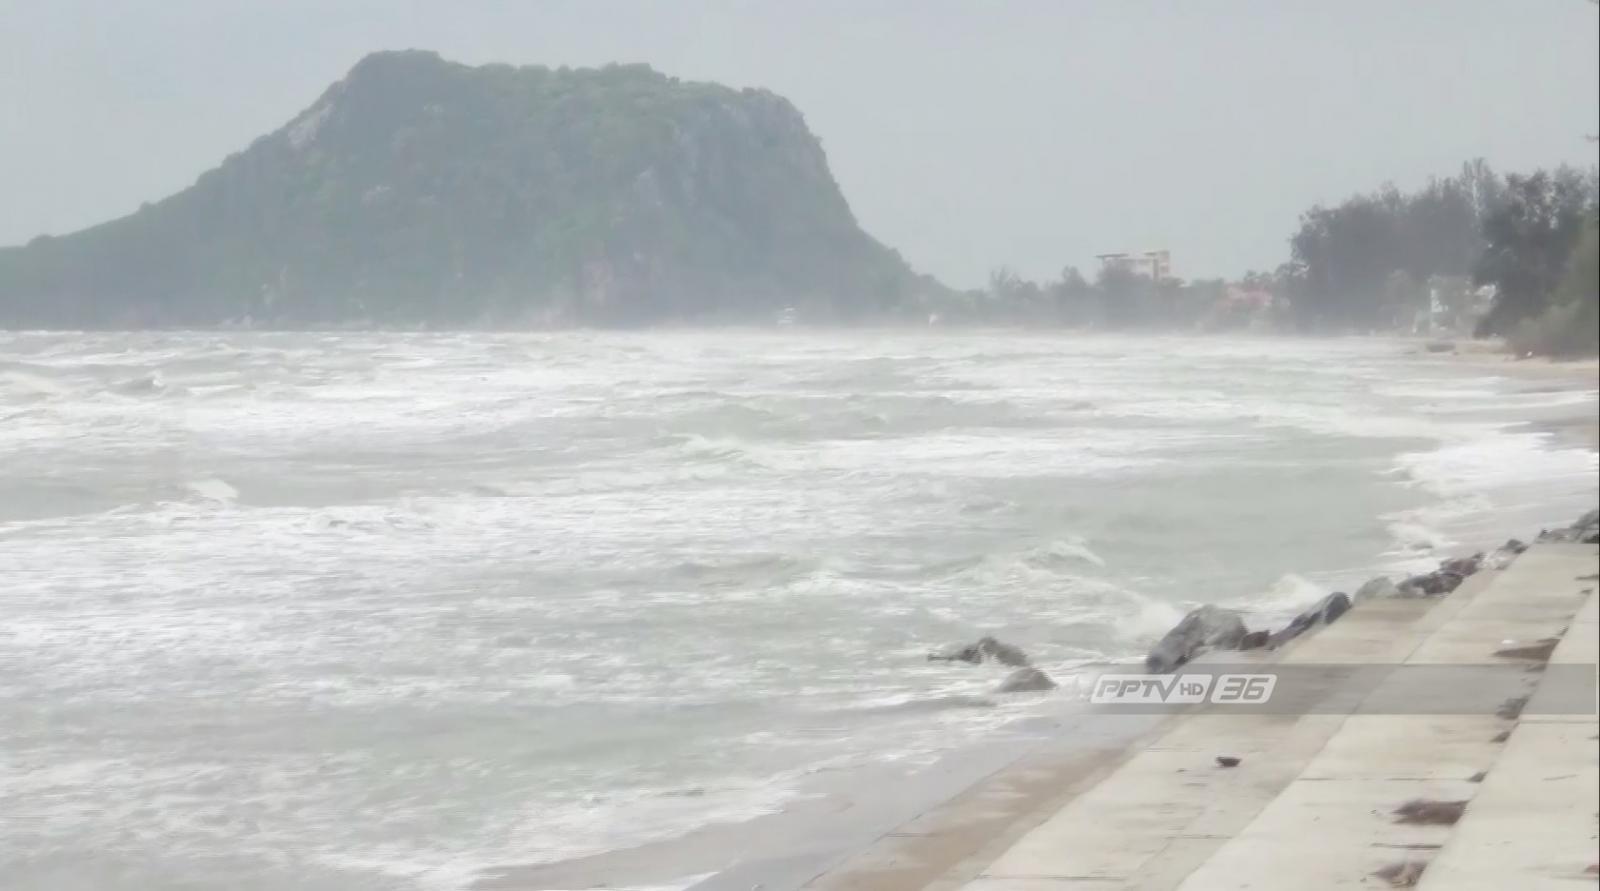 พบโลมาหัวบาตรเกยหาดปราณบุรีตายตัวที่ 2